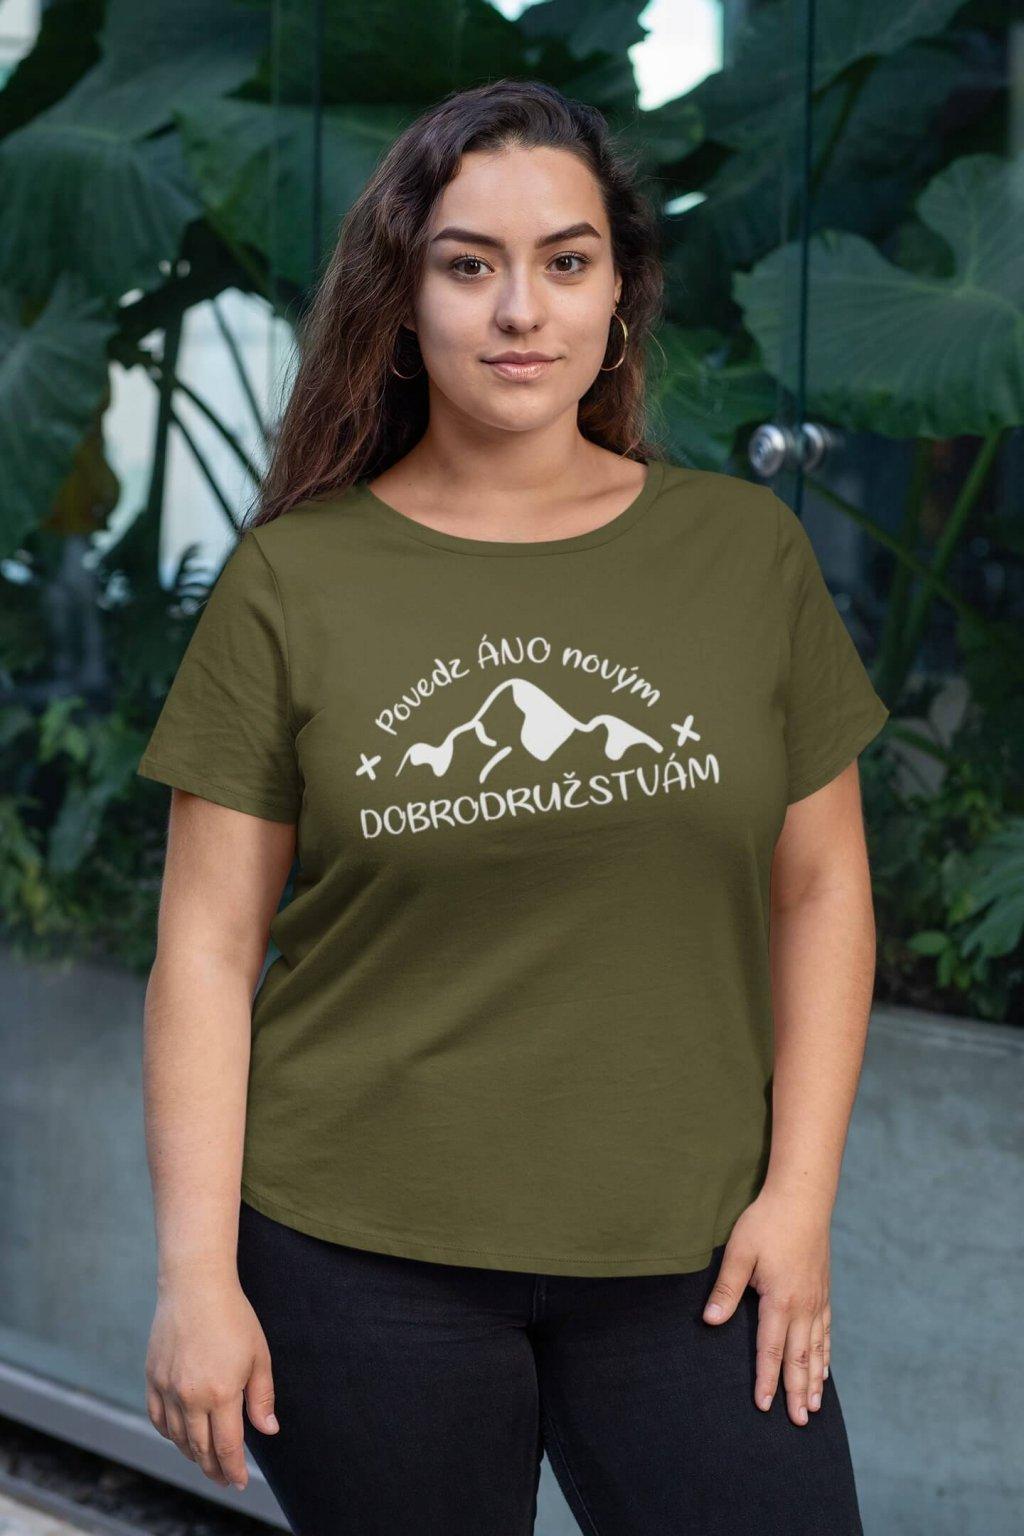 Dámske tričko Áno novým dobrodružstvám